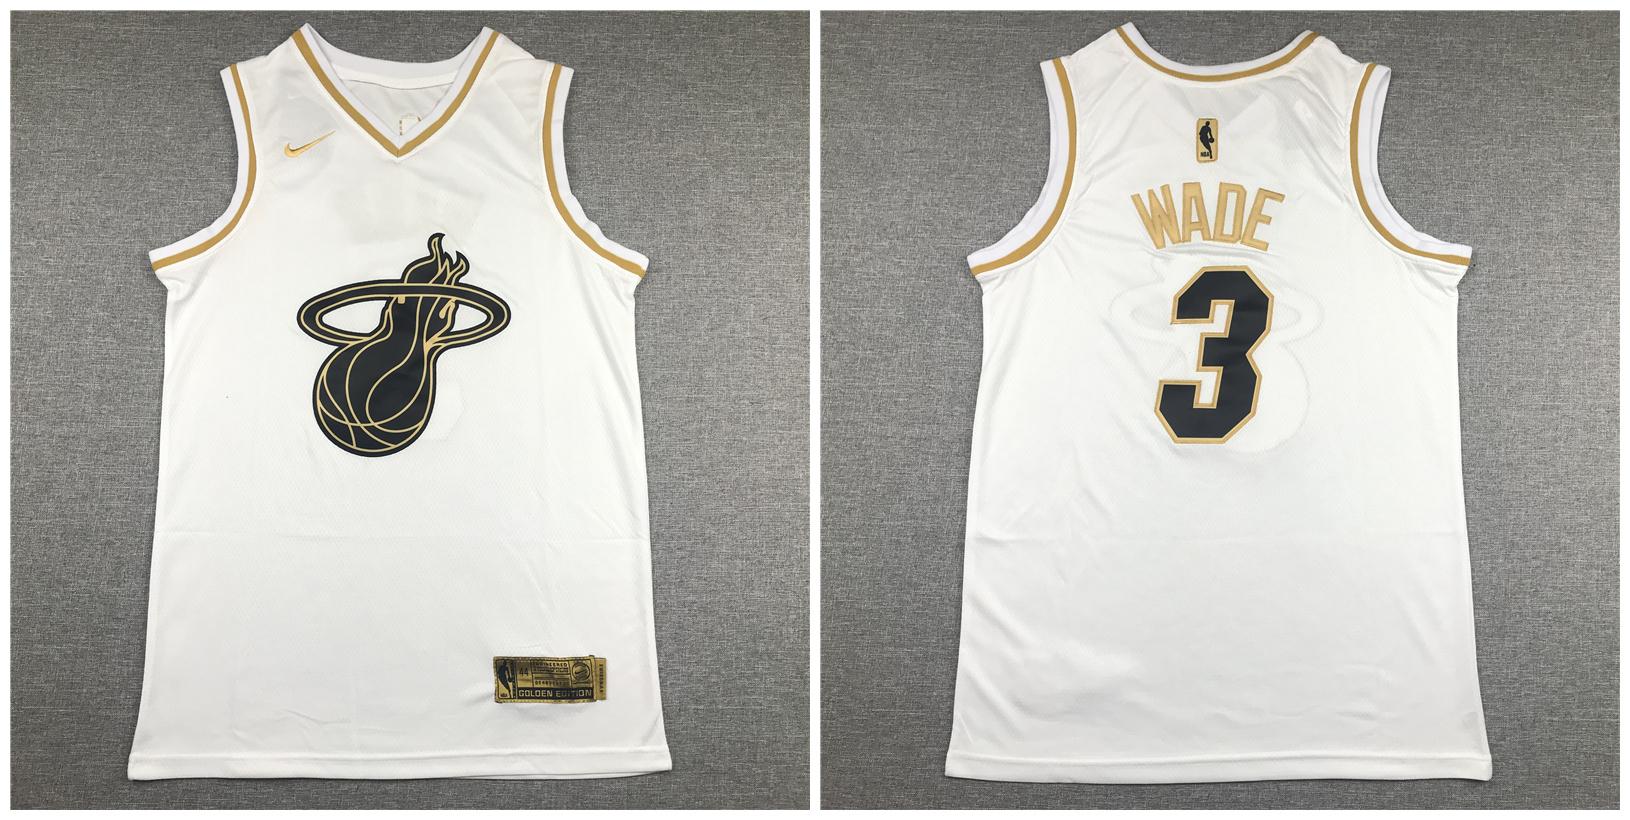 Heat 3 Dwyane Wade White Gold Nike Swingman Jersey